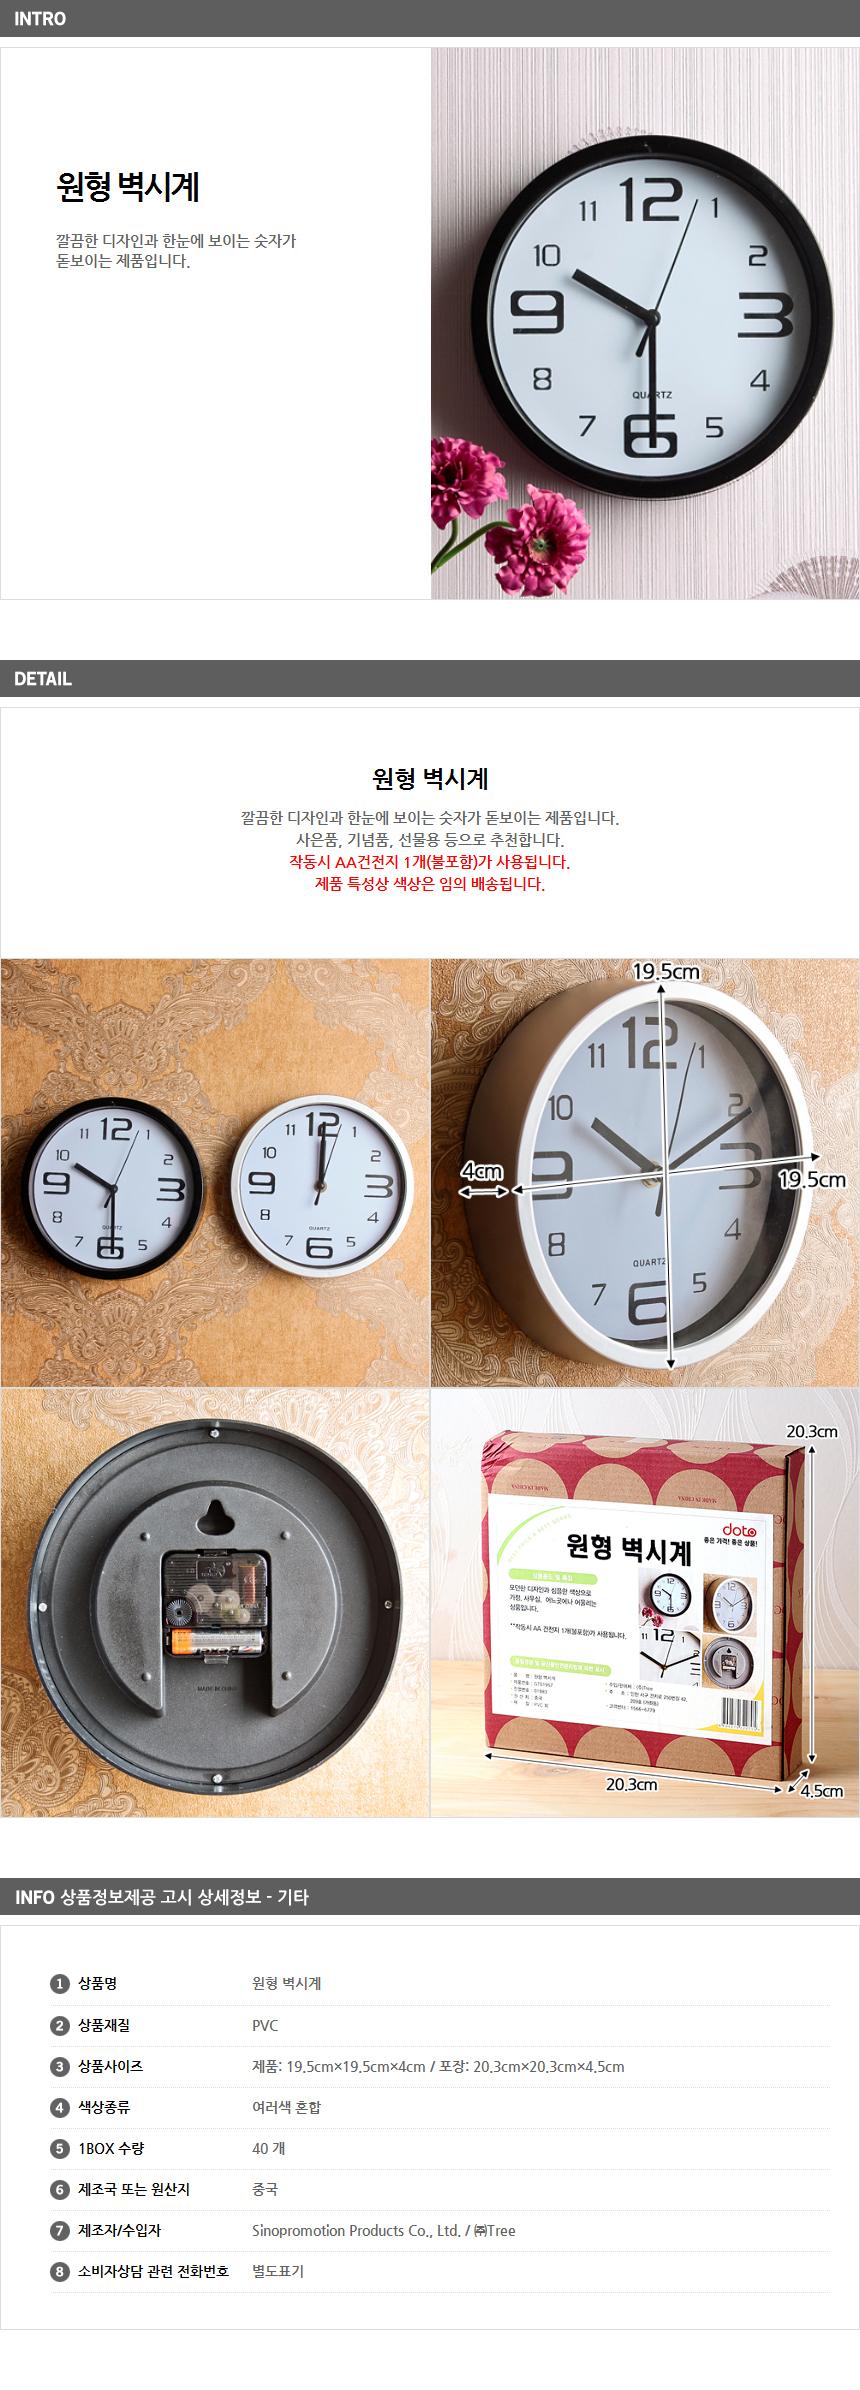 원형 벽시계/사무실납품용 입주선물 호텔납품용 인테 - 기프트갓, 5,570원, 벽시계, 디자인벽시계